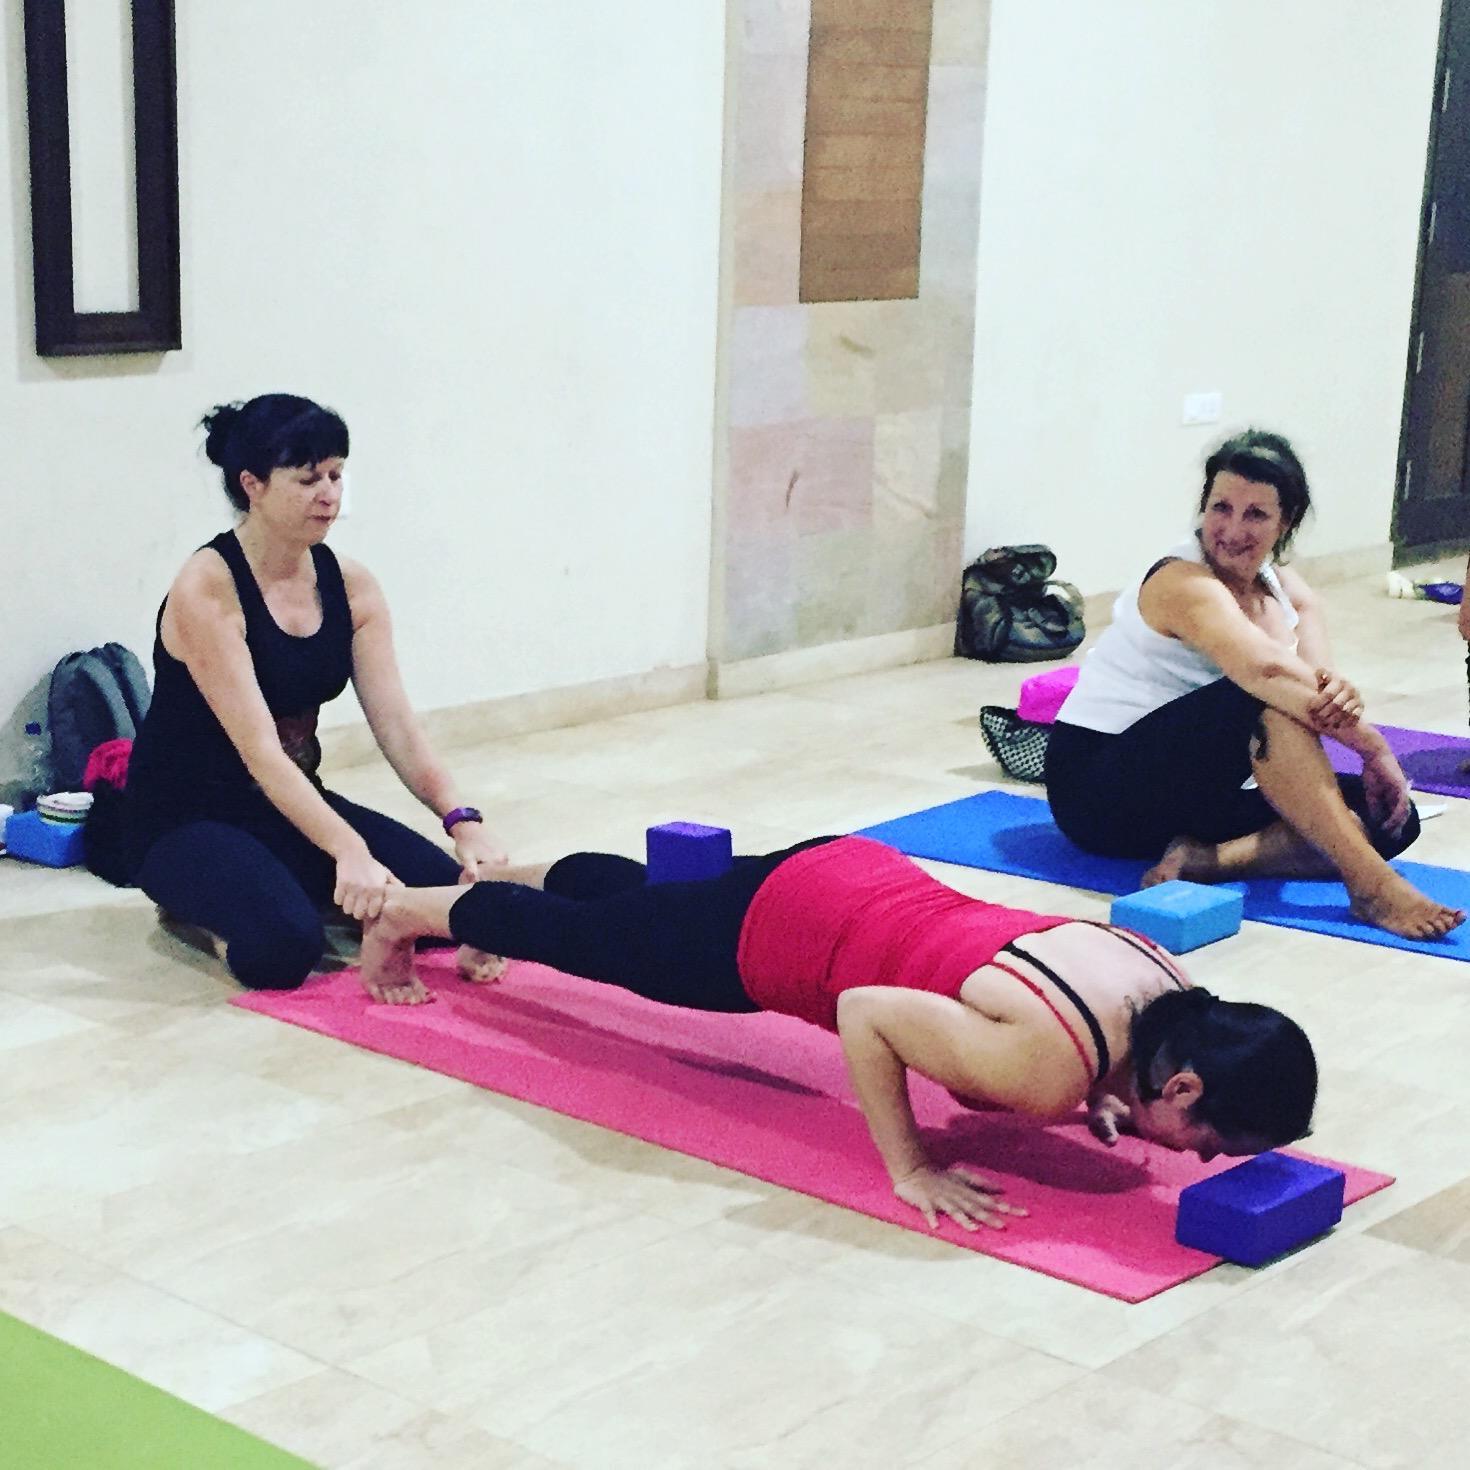 andrea, kerala, 2017, yoga, united, jivamukti, mantra, yin